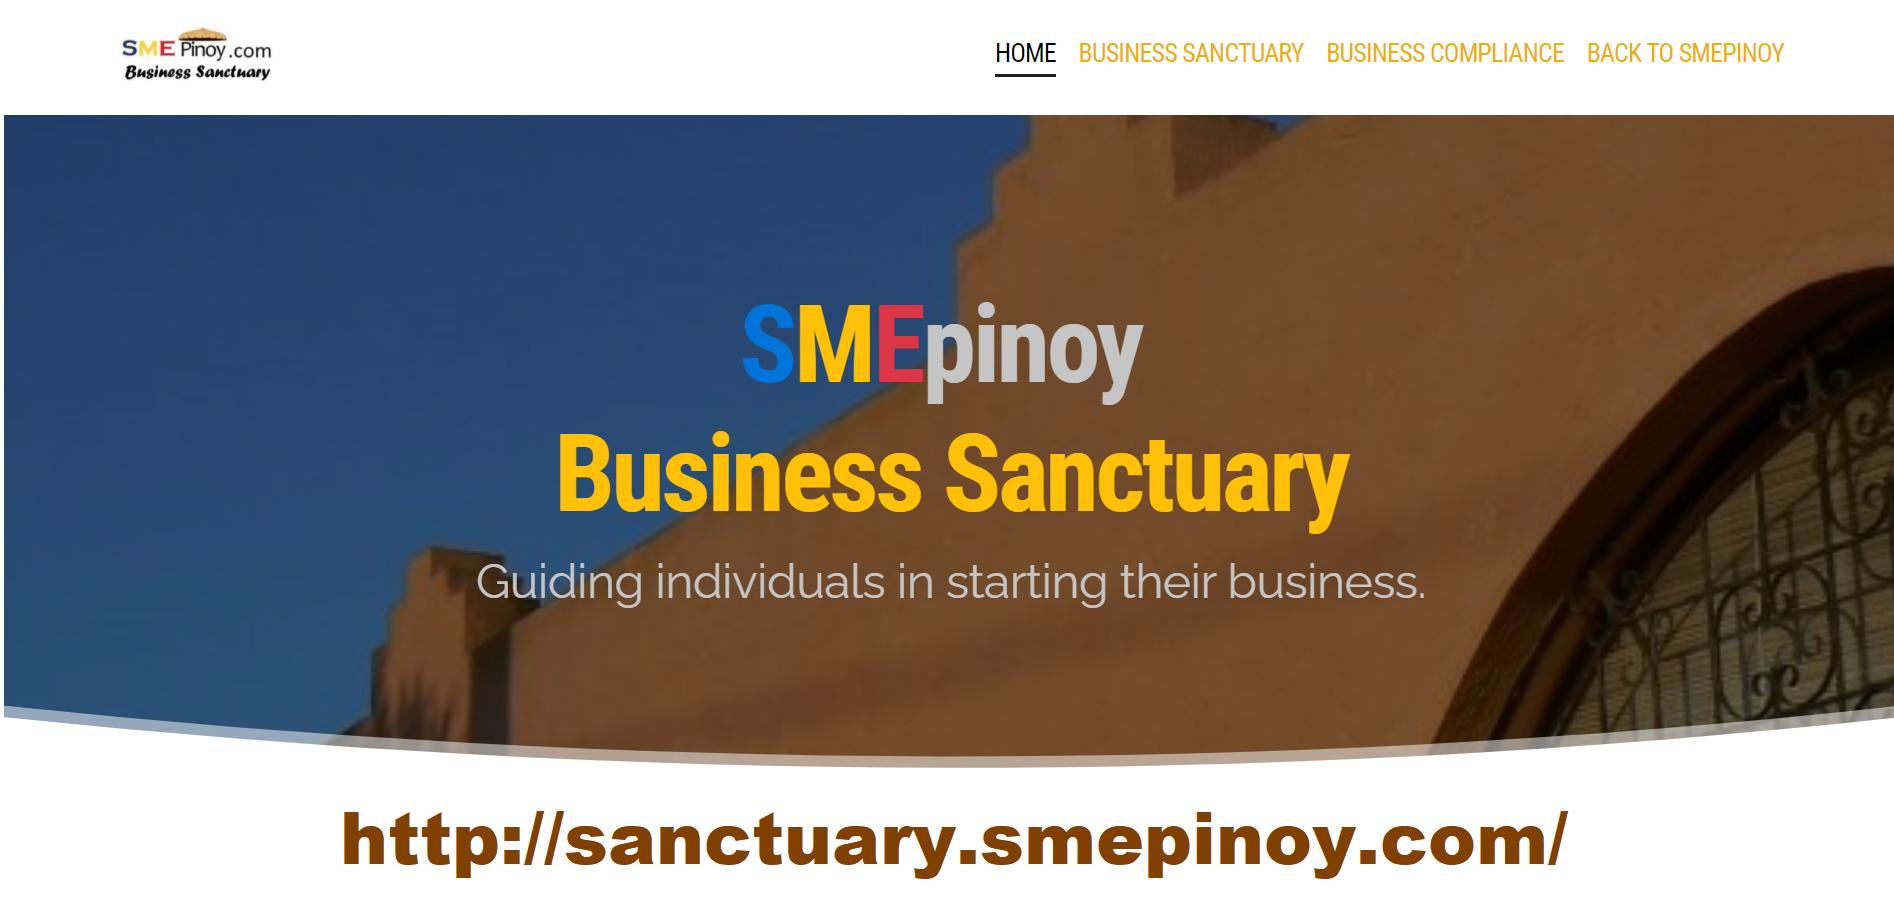 smepinoy santuary ad